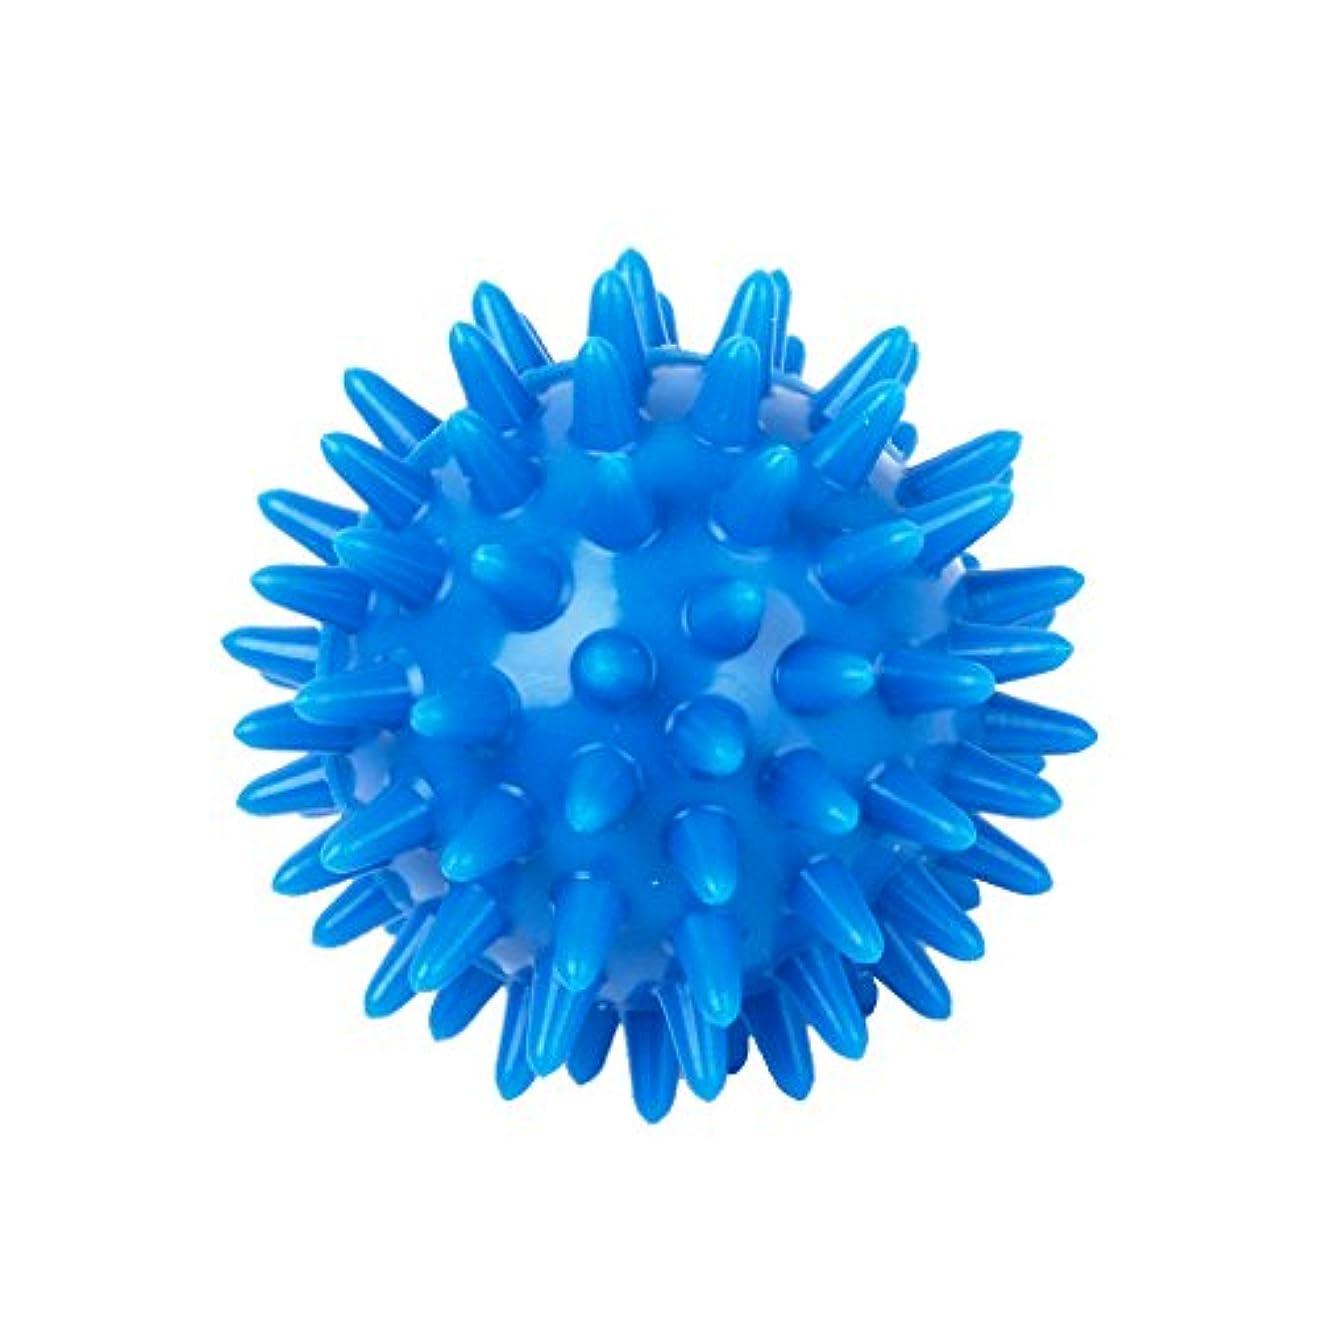 ジャズレキシコン地質学Perfk PVC製 足用マッサージボール マッサージボール 筋肉 緊張和らげ  血液循環促進 5.5cm